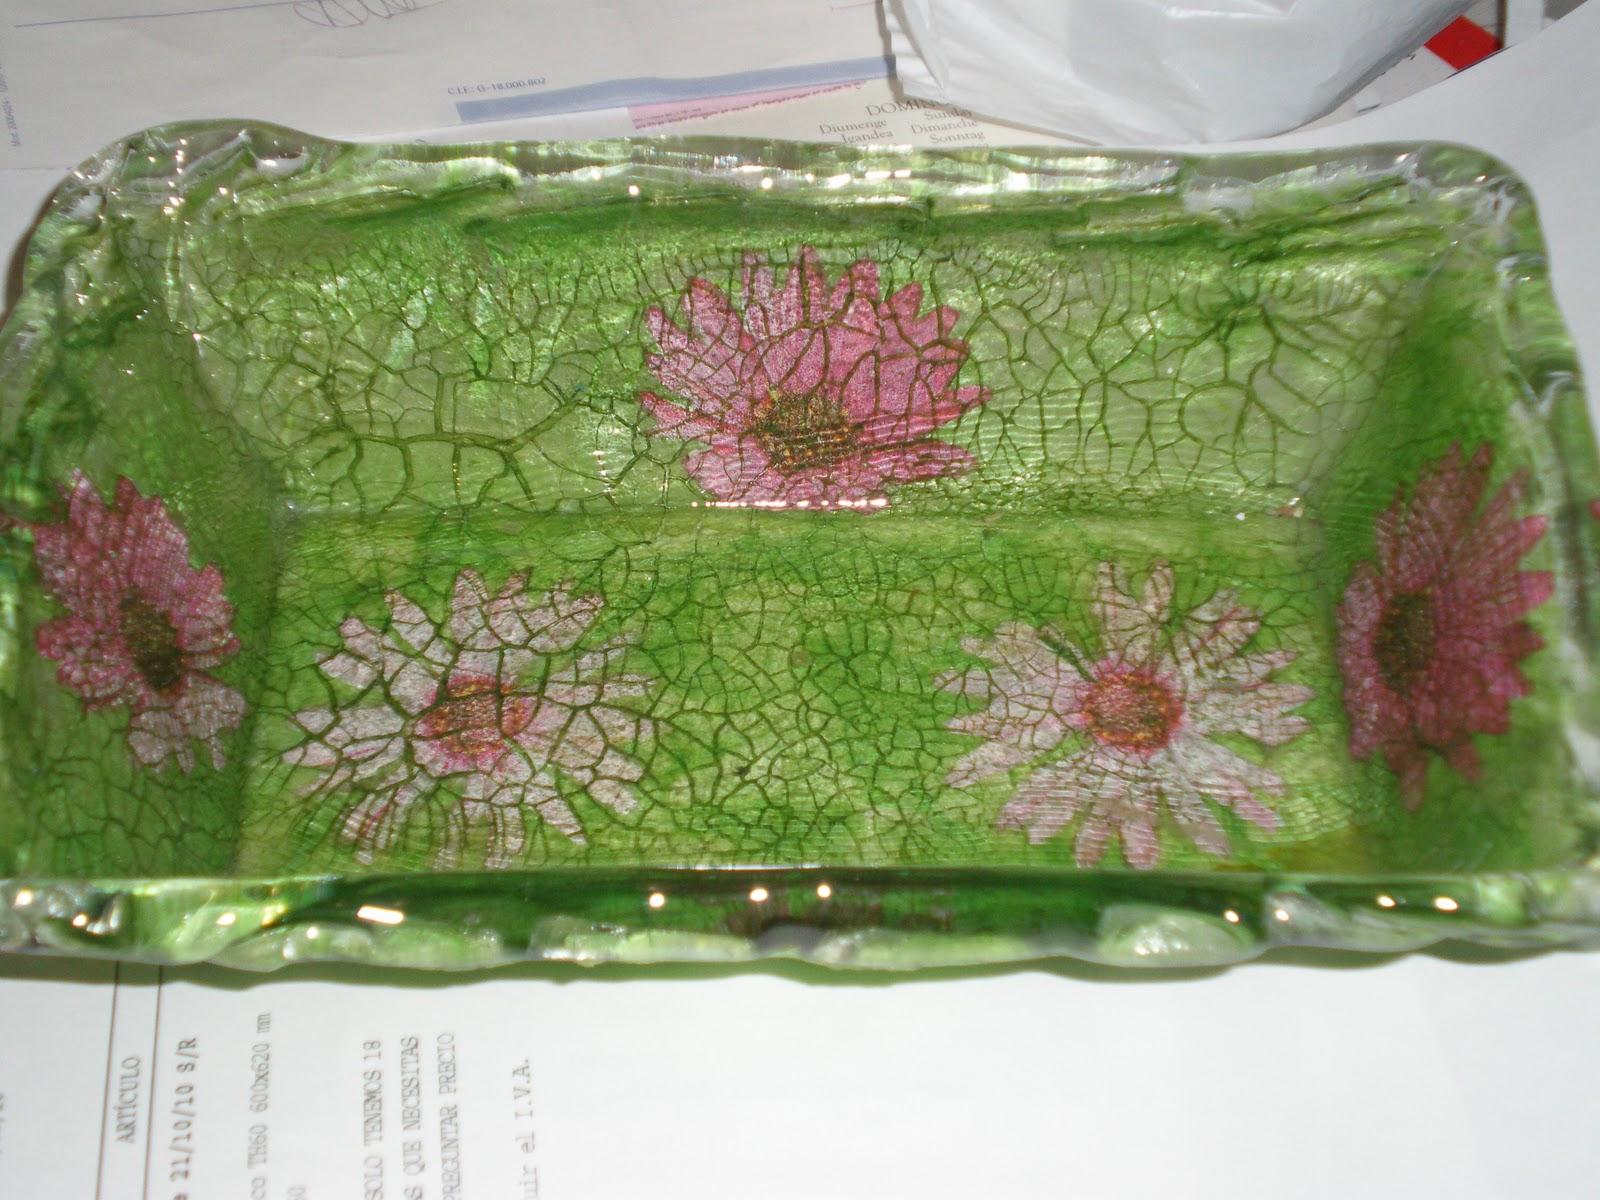 Admlaserrezuela bandejas de cristal decoradas - Bandejas de cristal ...